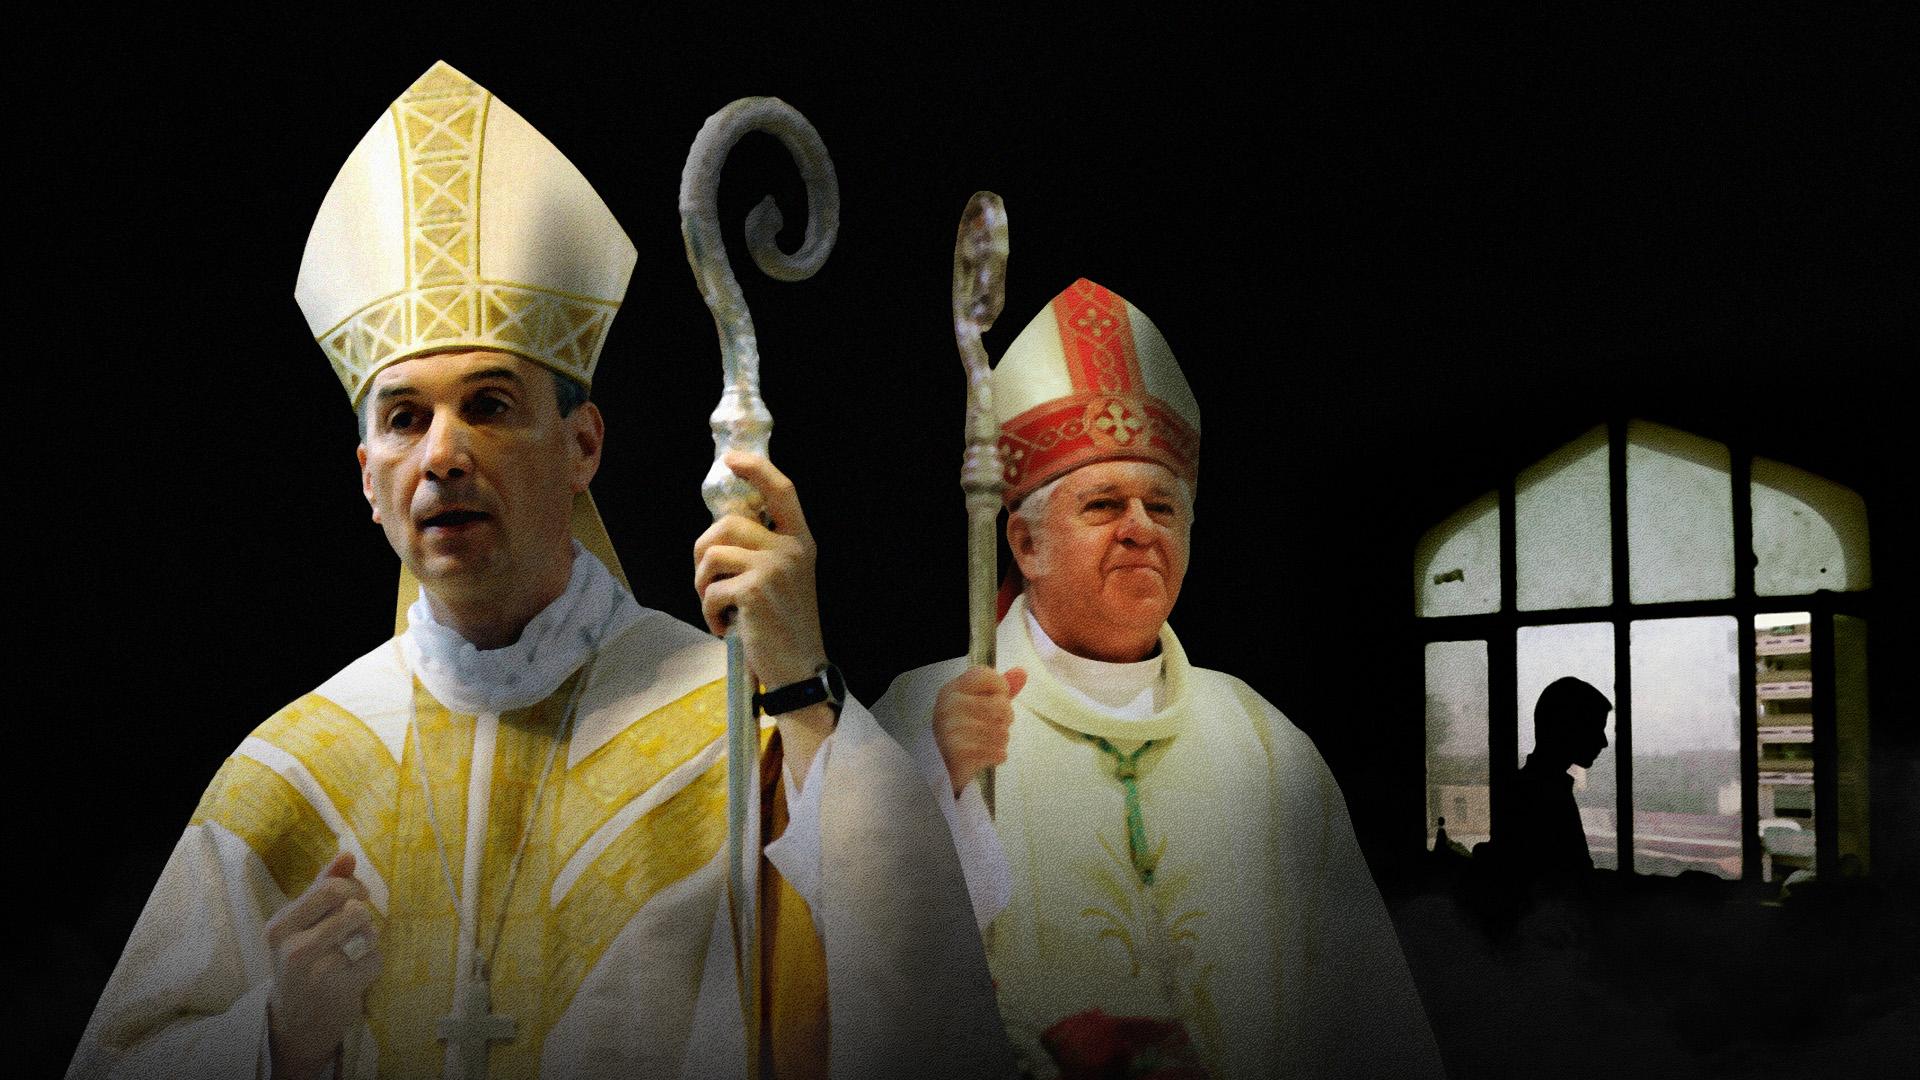 Három éve eltiltották a papot, aki molesztálta, de az egyház azóta sem kért bocsánatot